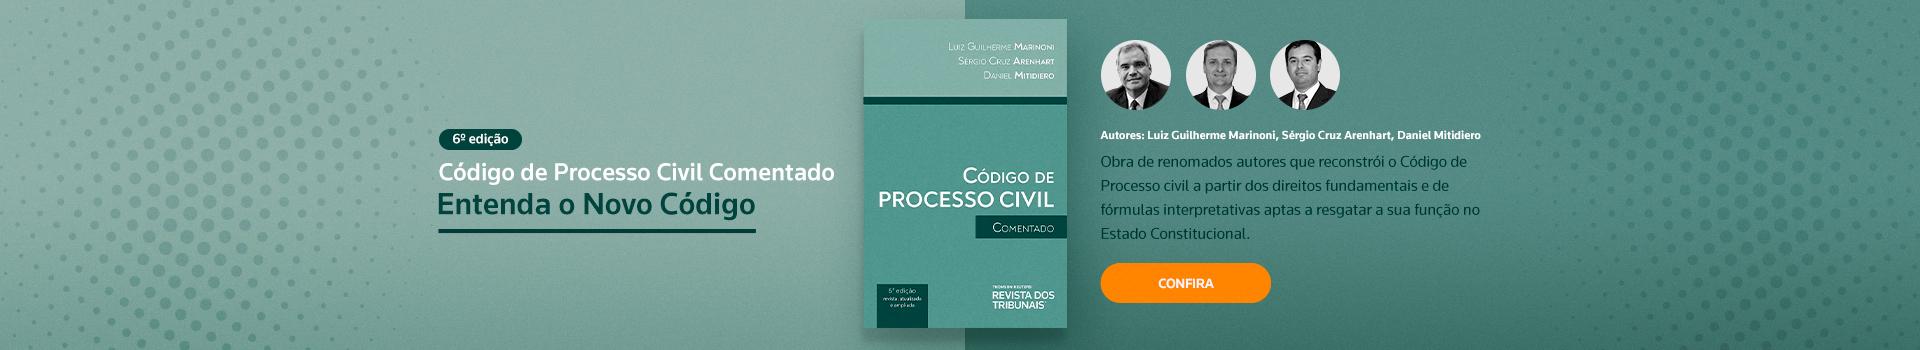 Código de Processo Civil Comentado 6º edição